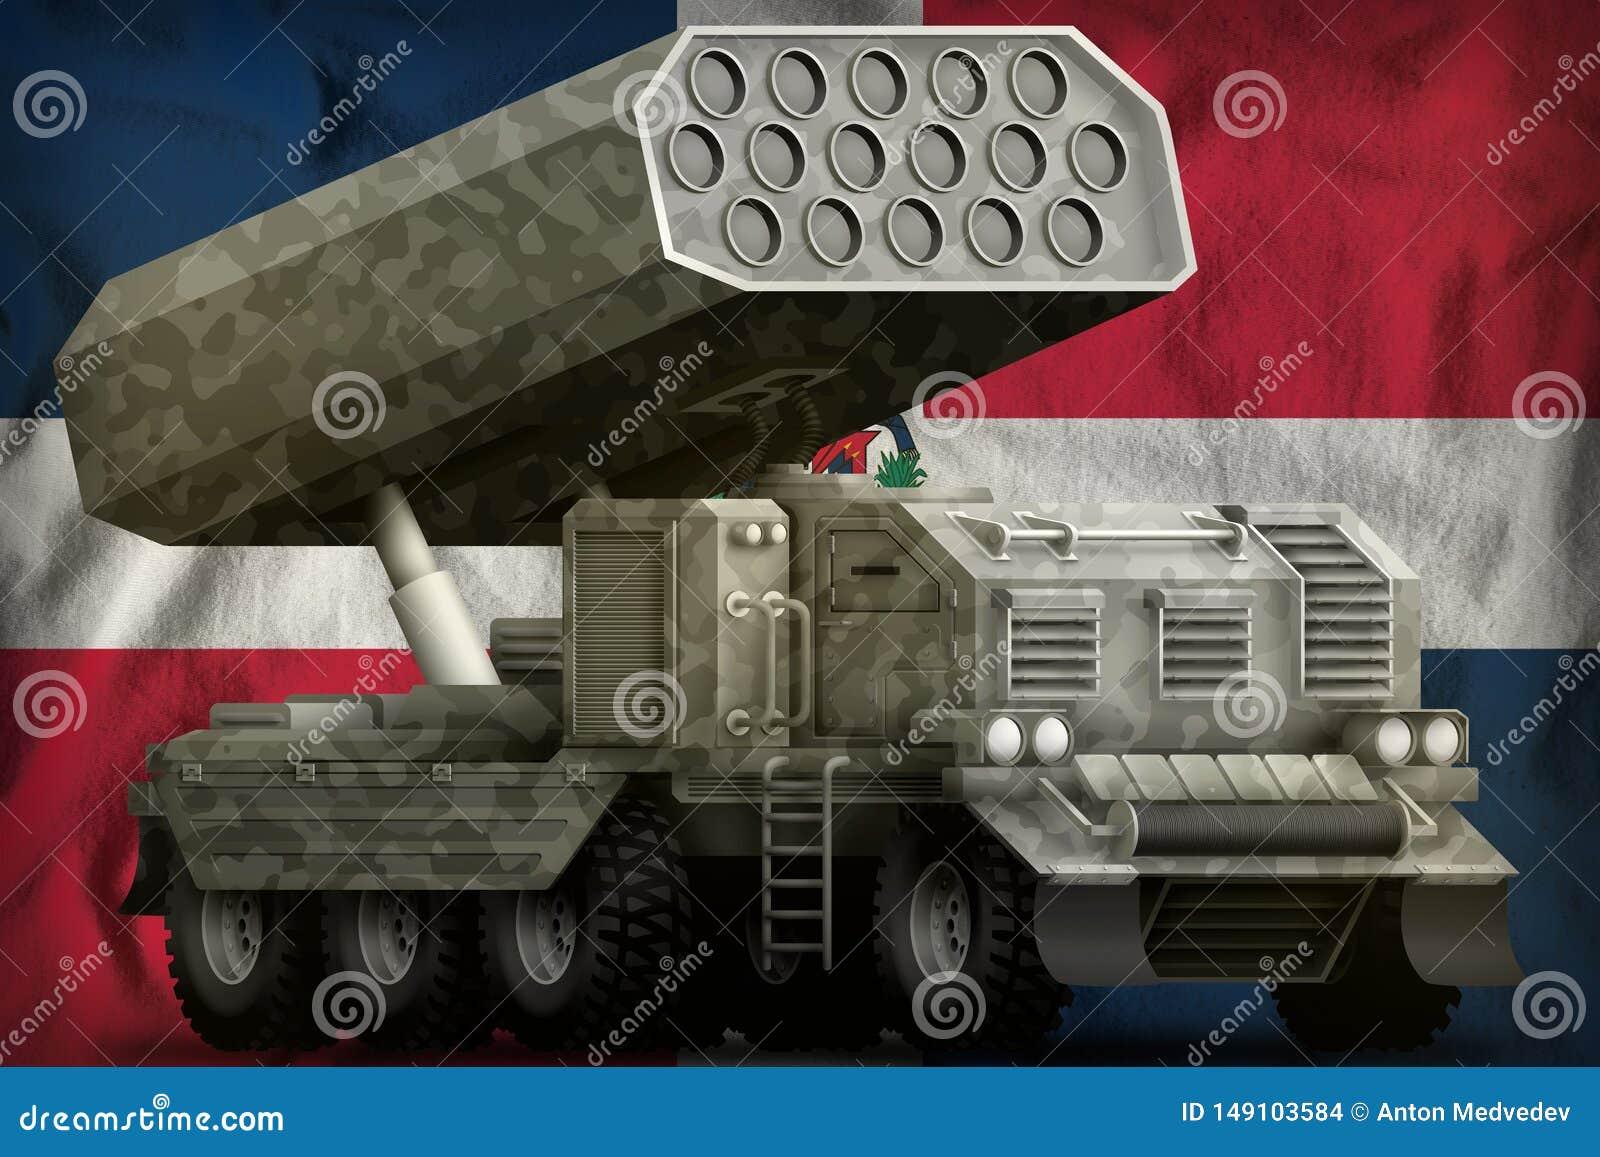 Artillerie de Rocket, lance-missiles avec le camouflage gris sur le fond de drapeau national de la R?publique Dominicaine  illust